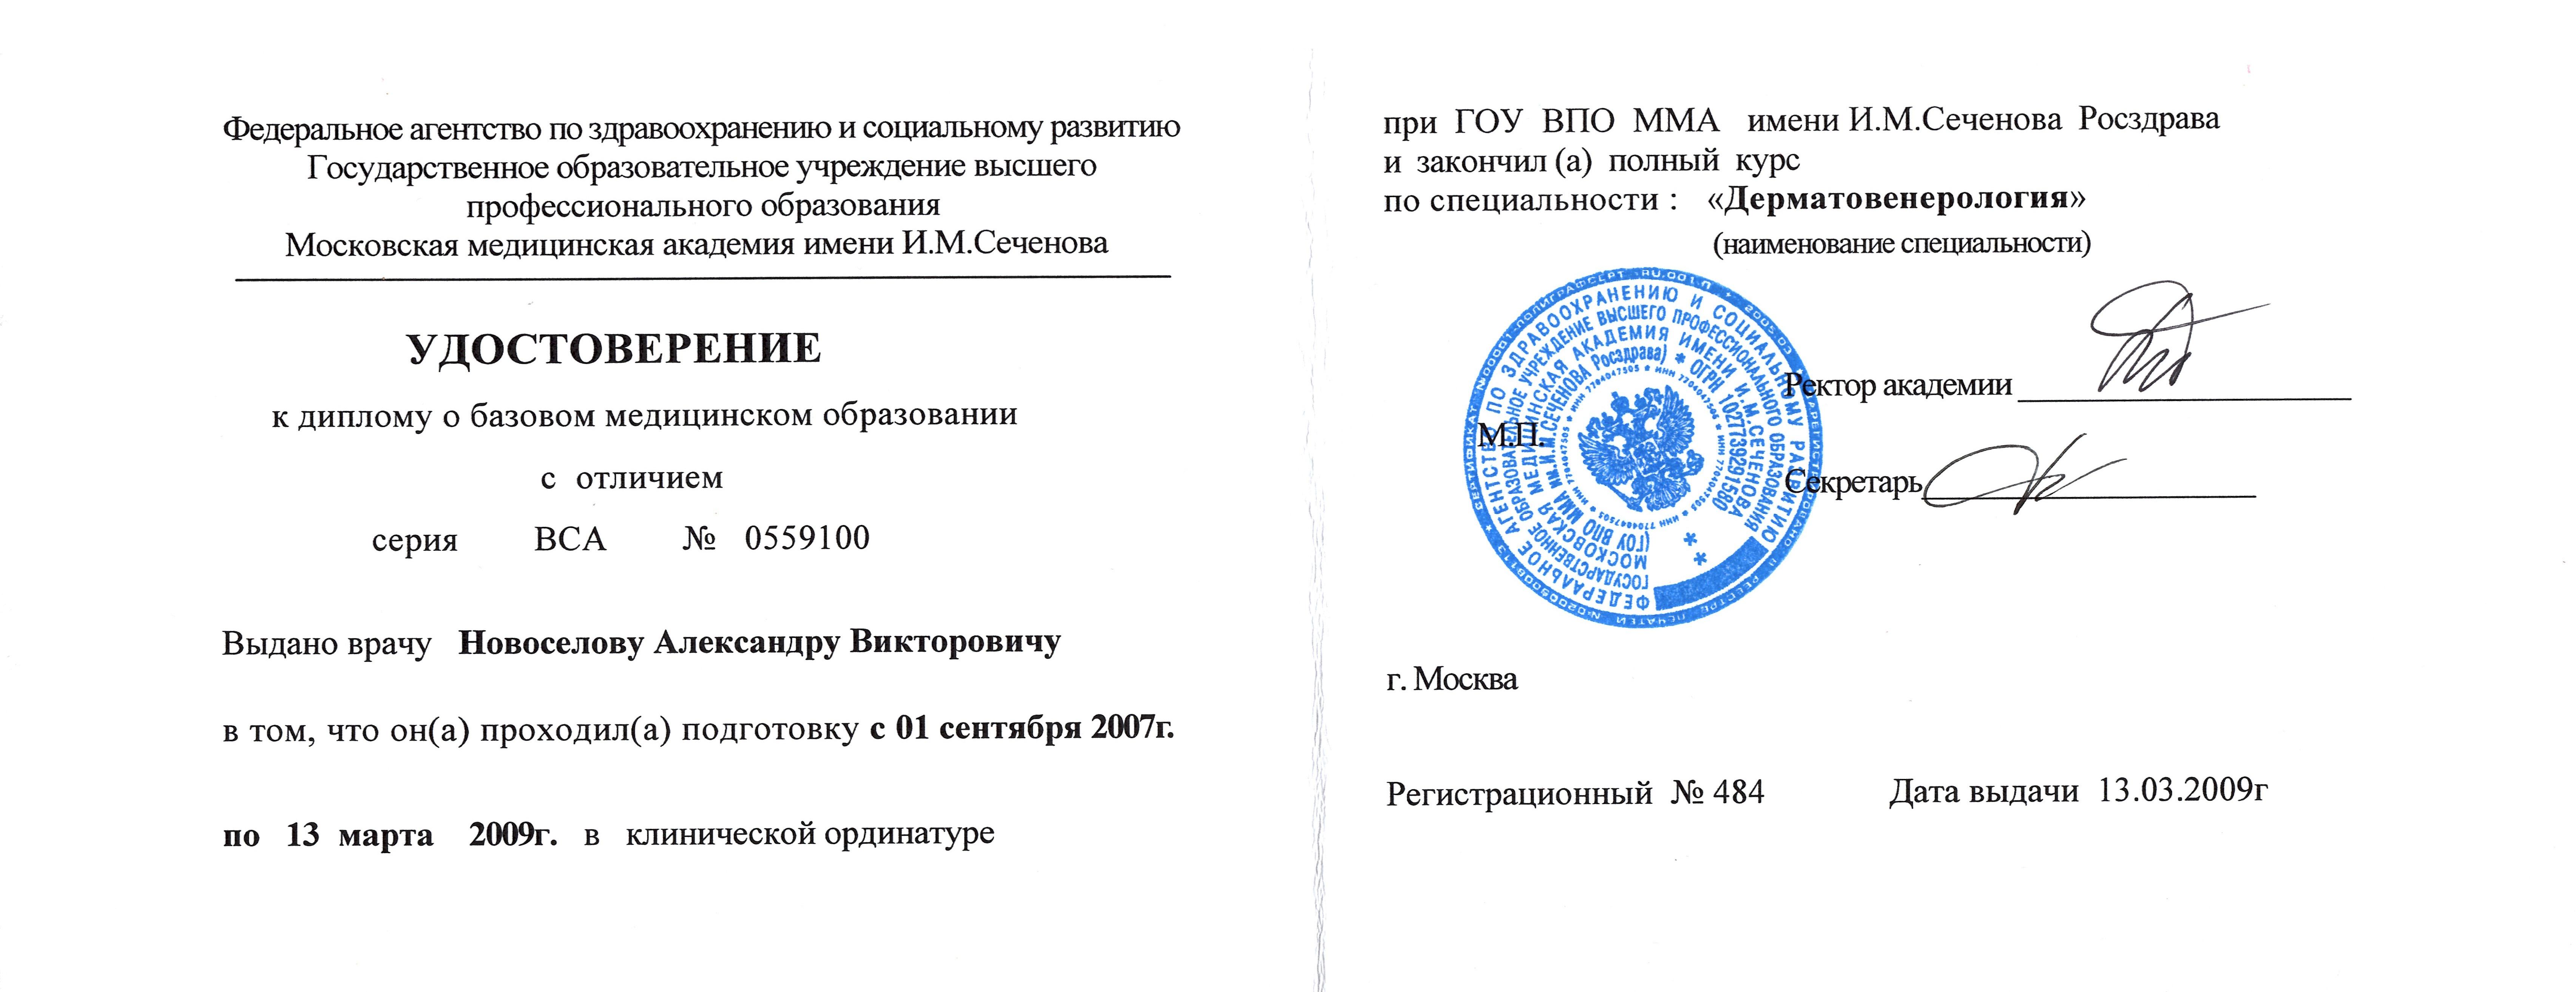 Удостоверение дерматовенеролога